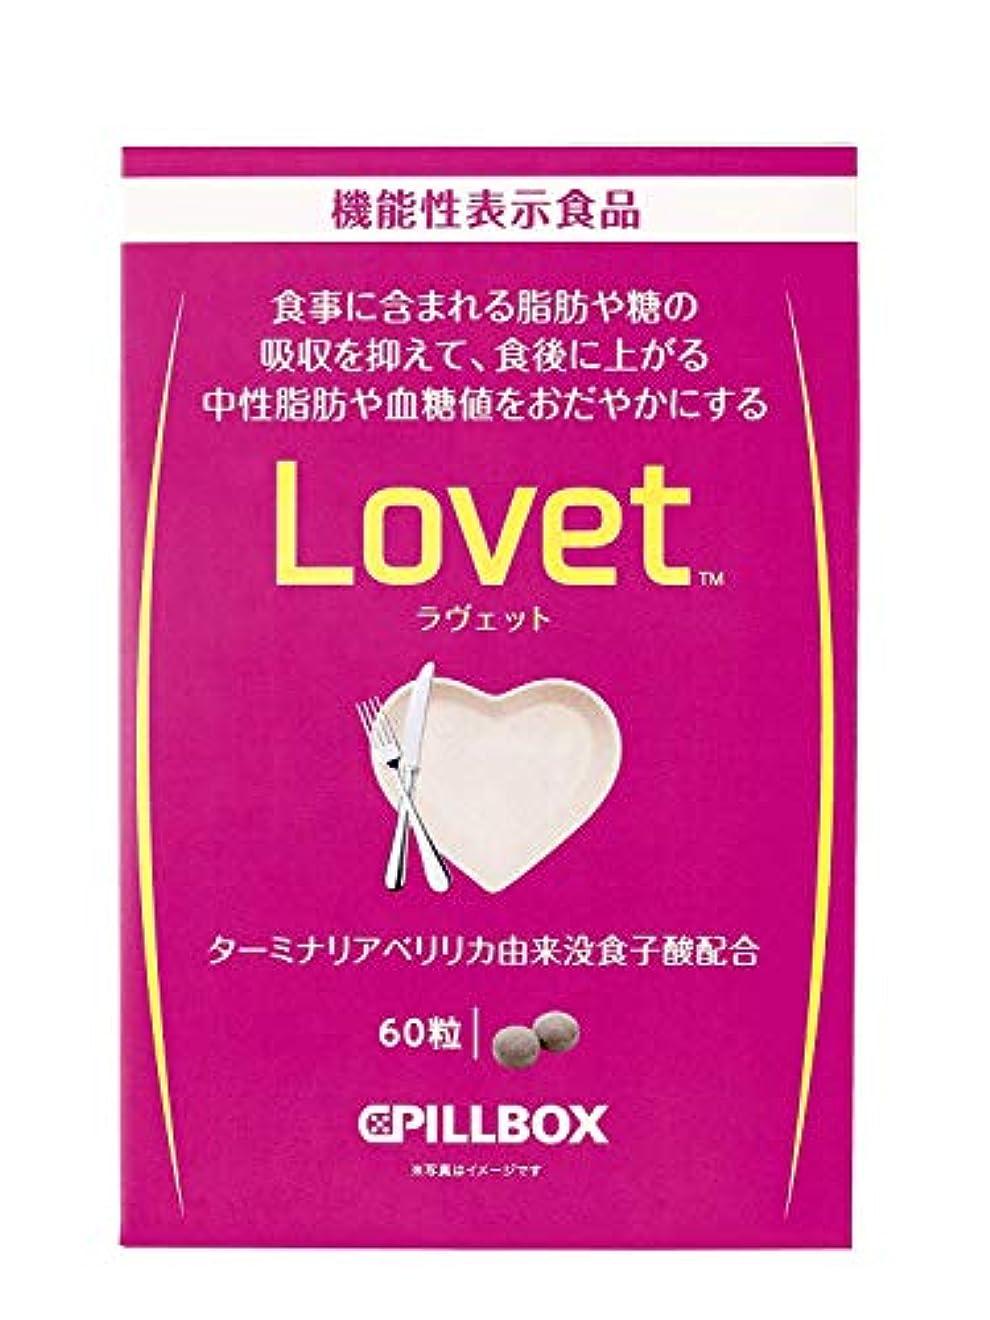 授業料ジーンズ防腐剤ピルボックス Lovet(ラヴェット)60粒 3個セット